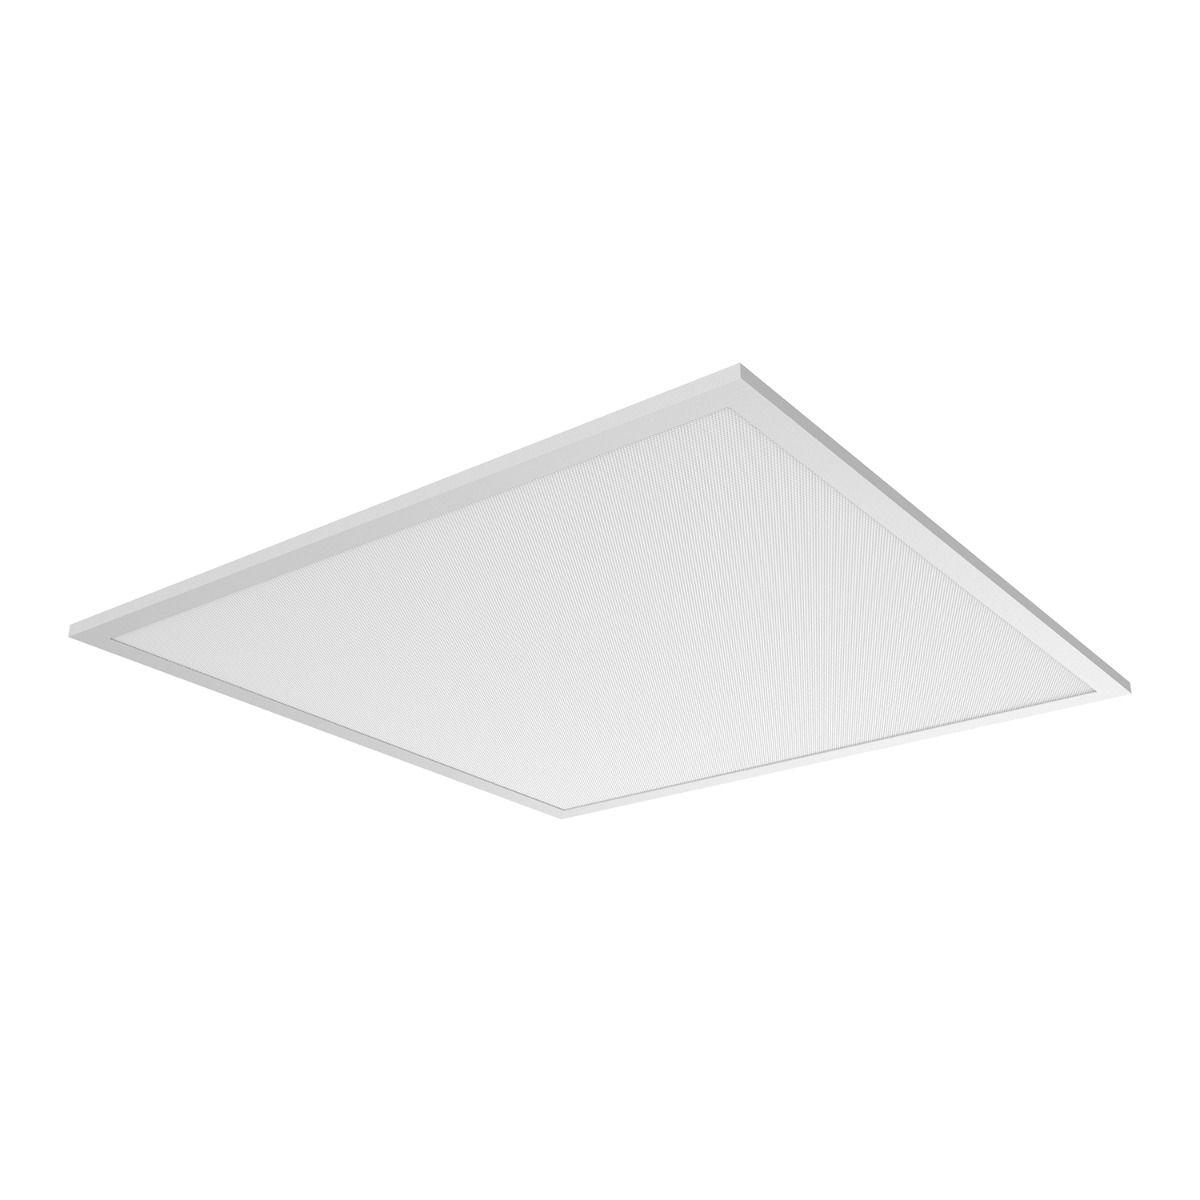 Noxion LED panel Delta Pro V3 Highlum 36W 4000K 5500lm 60x60cm UGR <19 | kald hvit - erstatter 4x18W